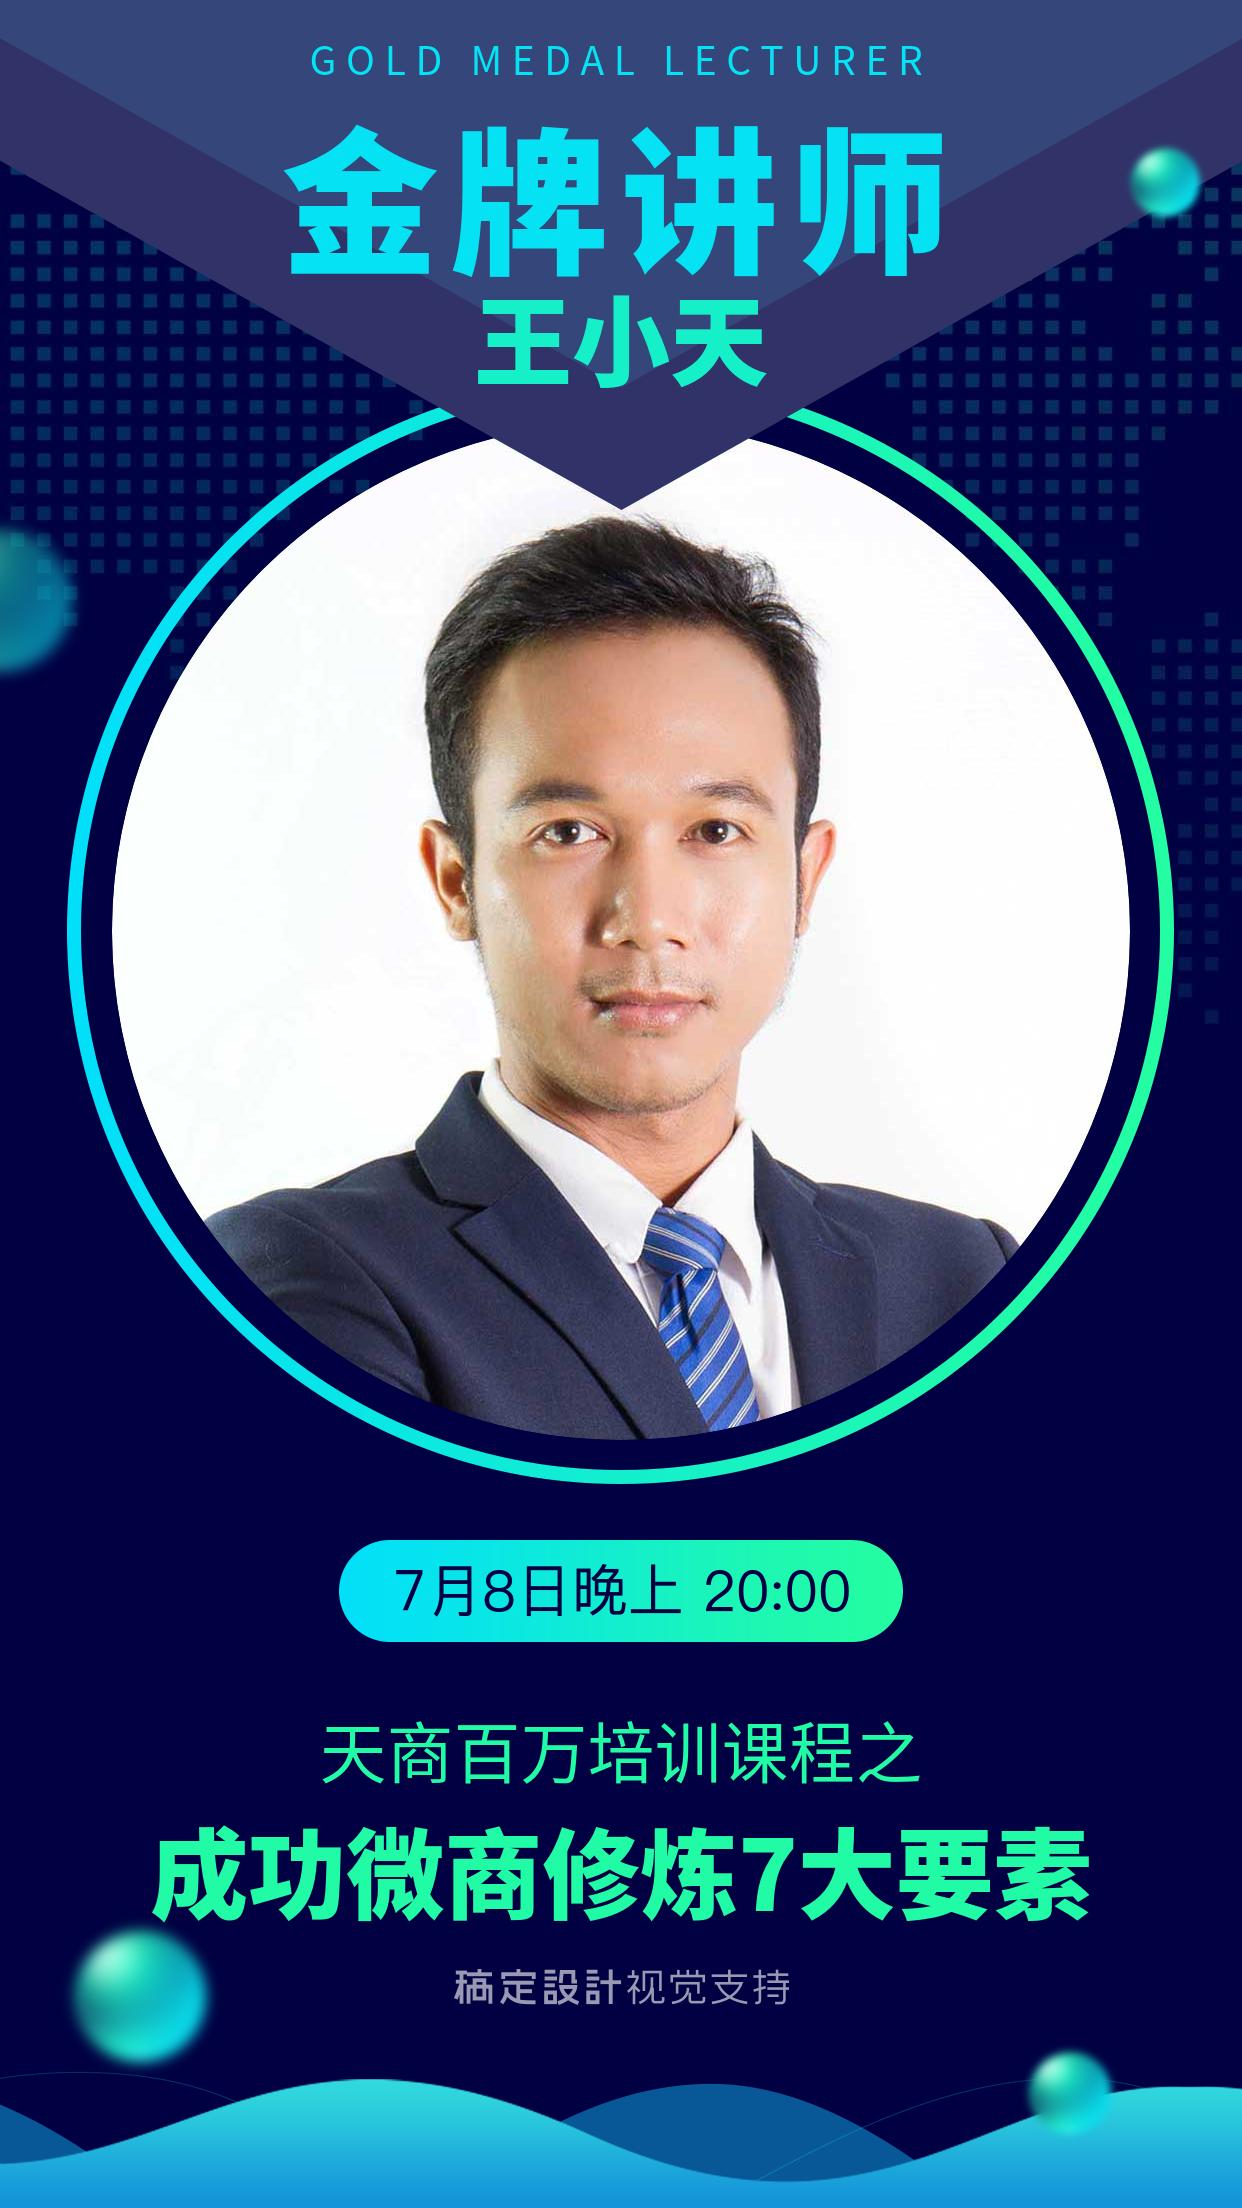 微商百万培训课程金牌讲师介绍